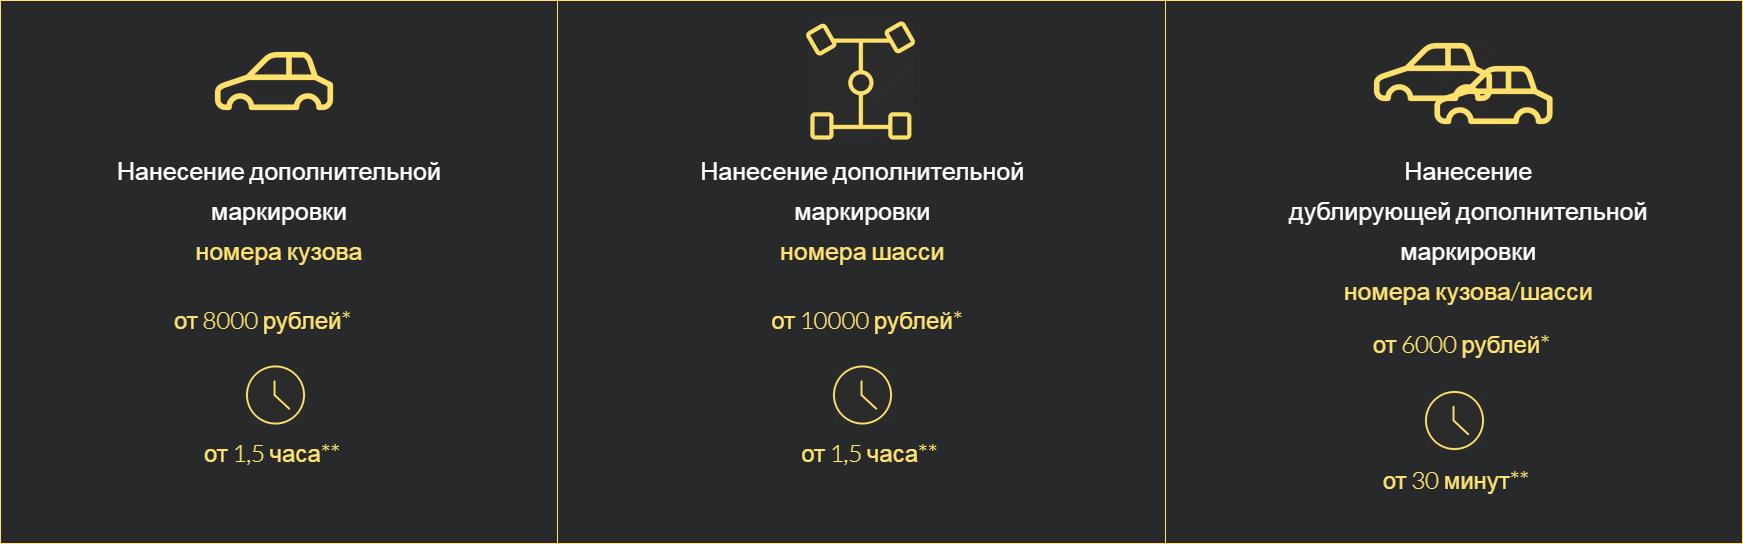 Цены на дополнительную маркировку в многофункциональном центре «Автодокумент» начинаются от 6000<span class=ruble>Р</span>, время выполнения работы — от 30 минут до полутора часов